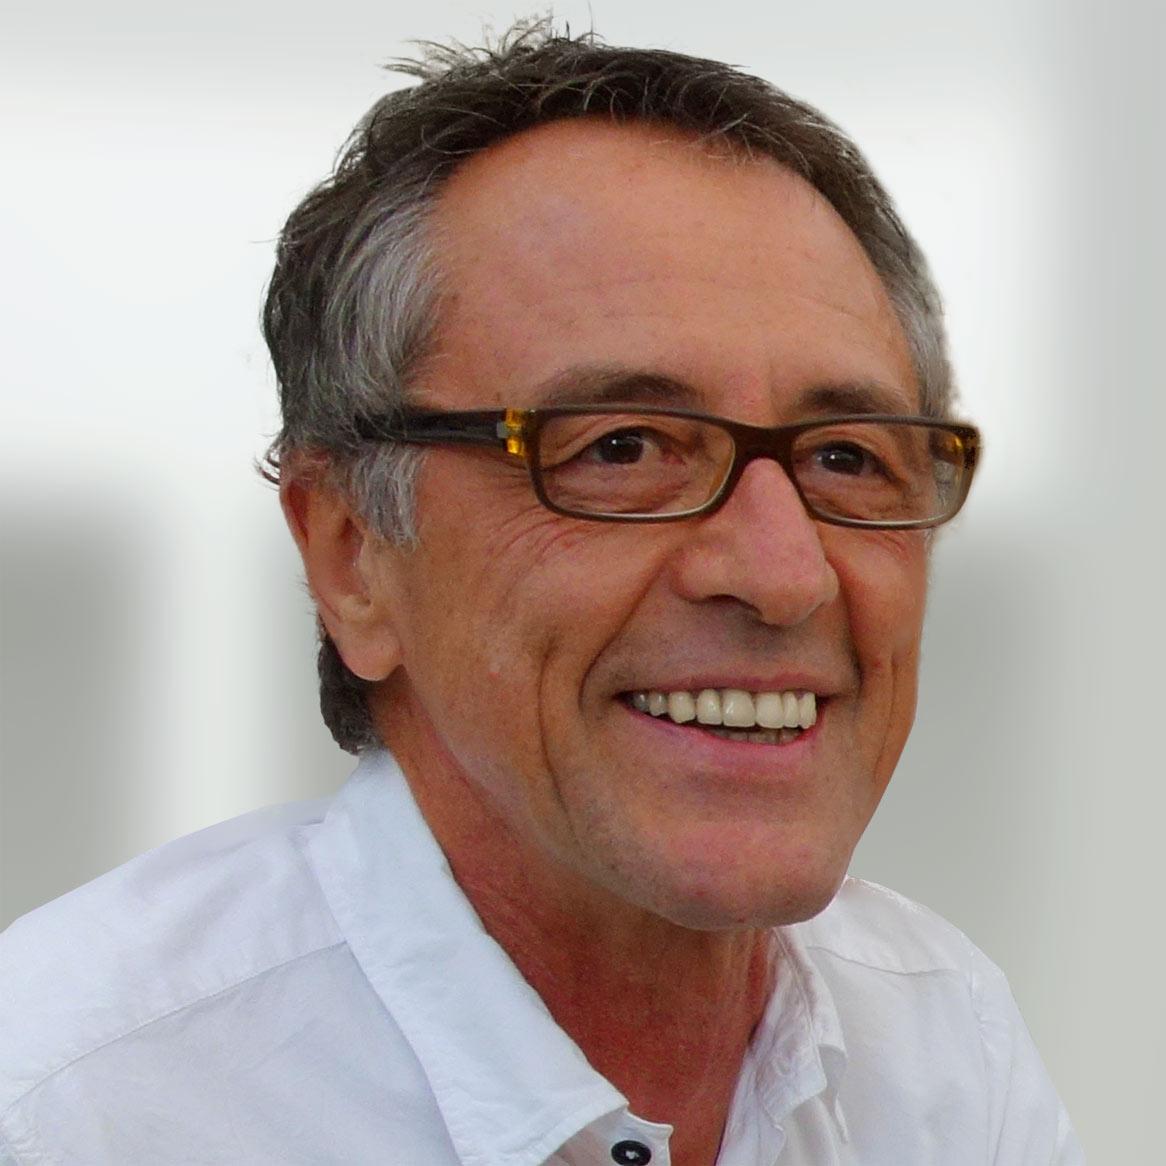 Heiner Huber | Innenarchitekt und Designer, BDIA / Mitglied der Bayerischen Architektenkammer